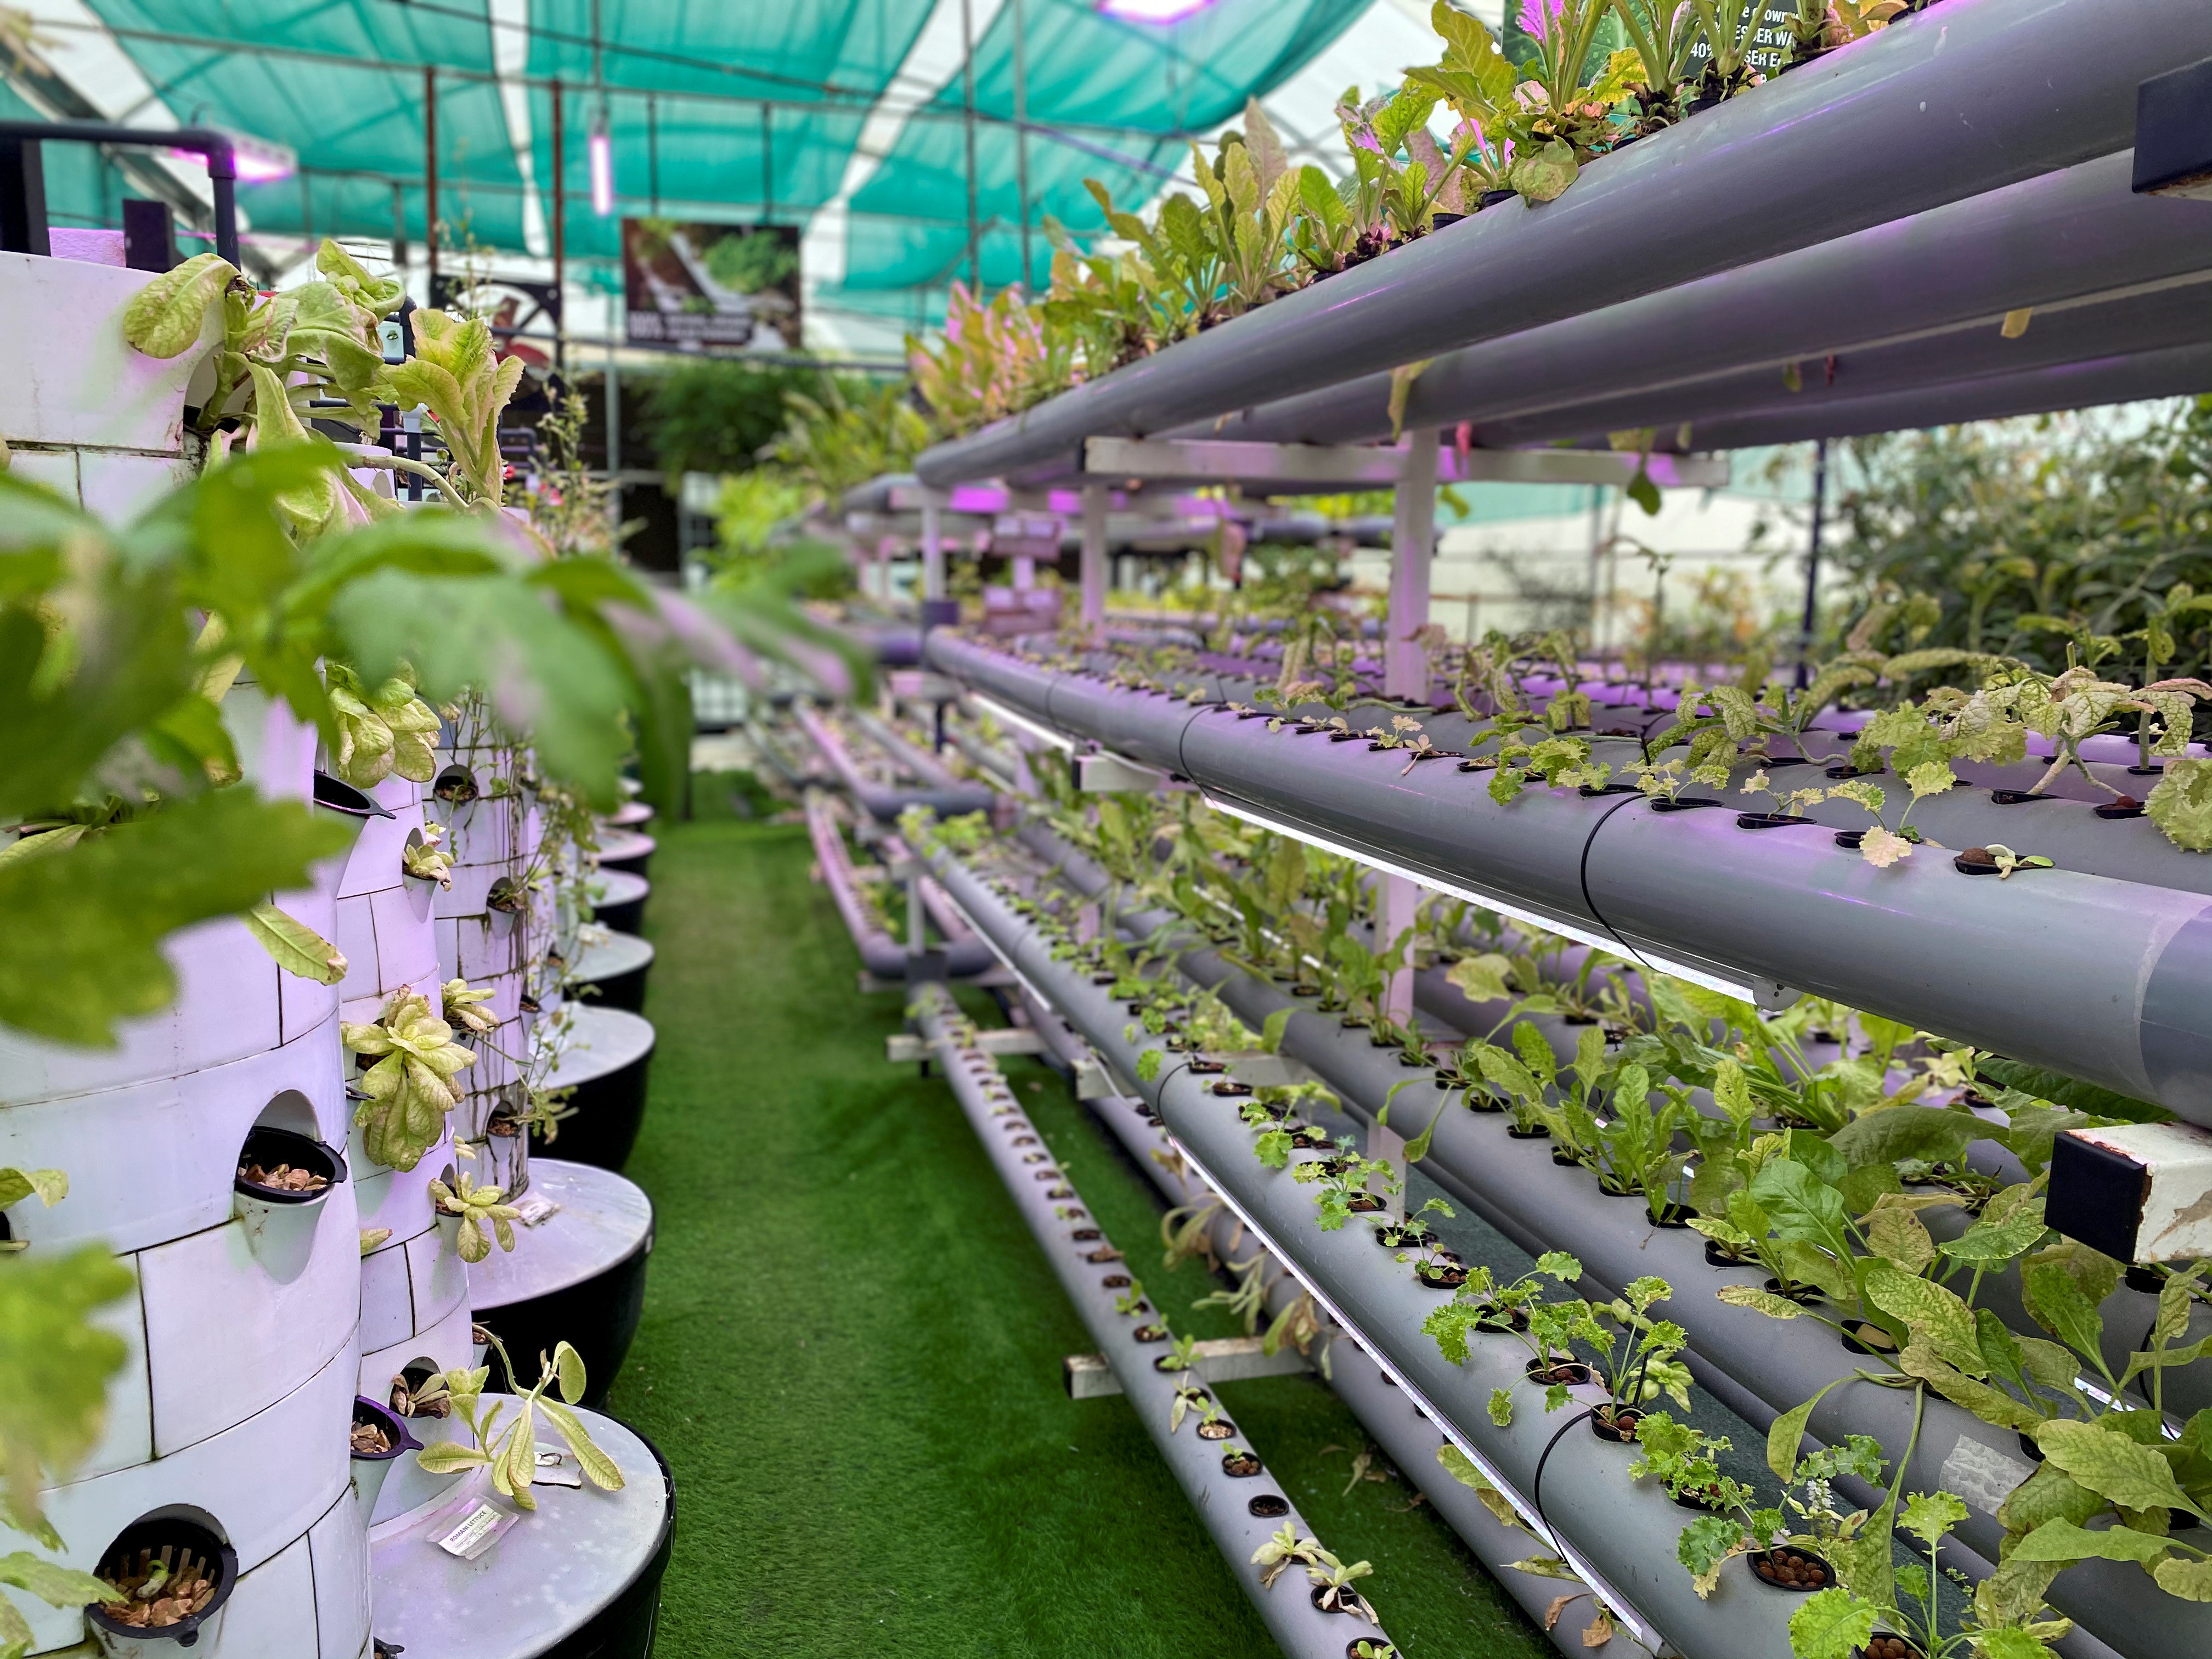 Vista general de una granja vertical de alta tecnología donde los agricultores locales tienen la oportunidad de cultivar sus cultivos.